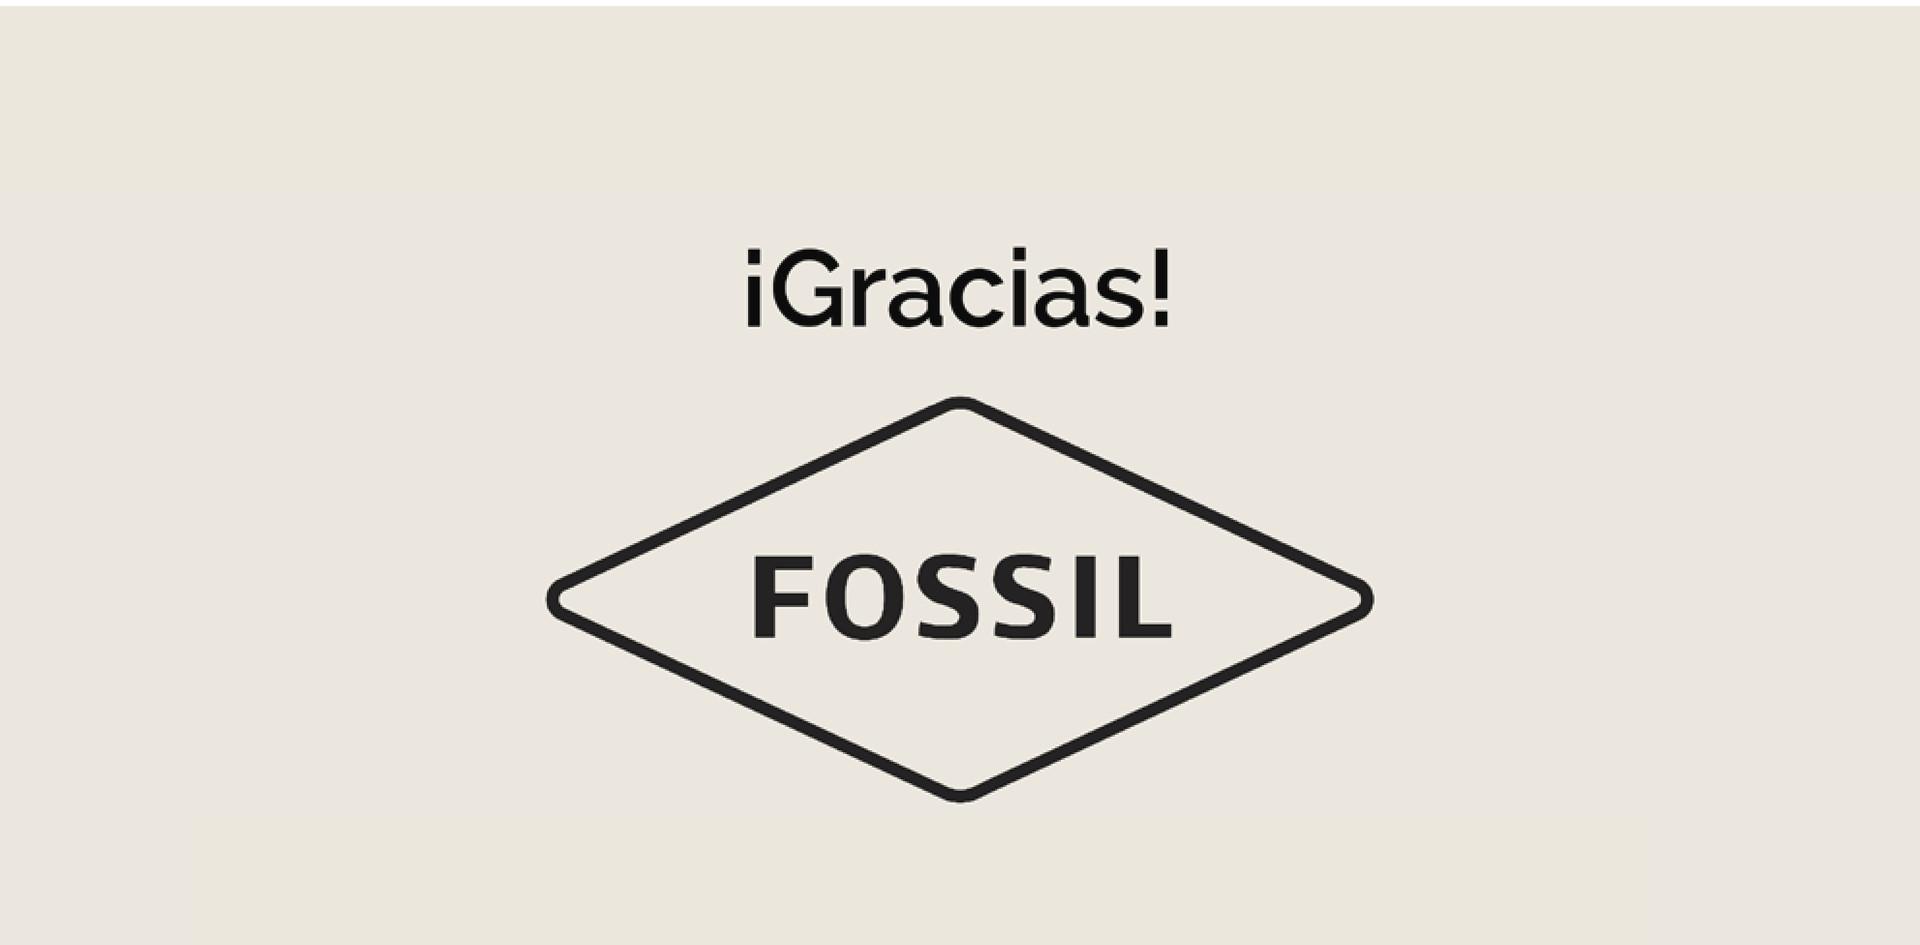 Fossil-10.jpg